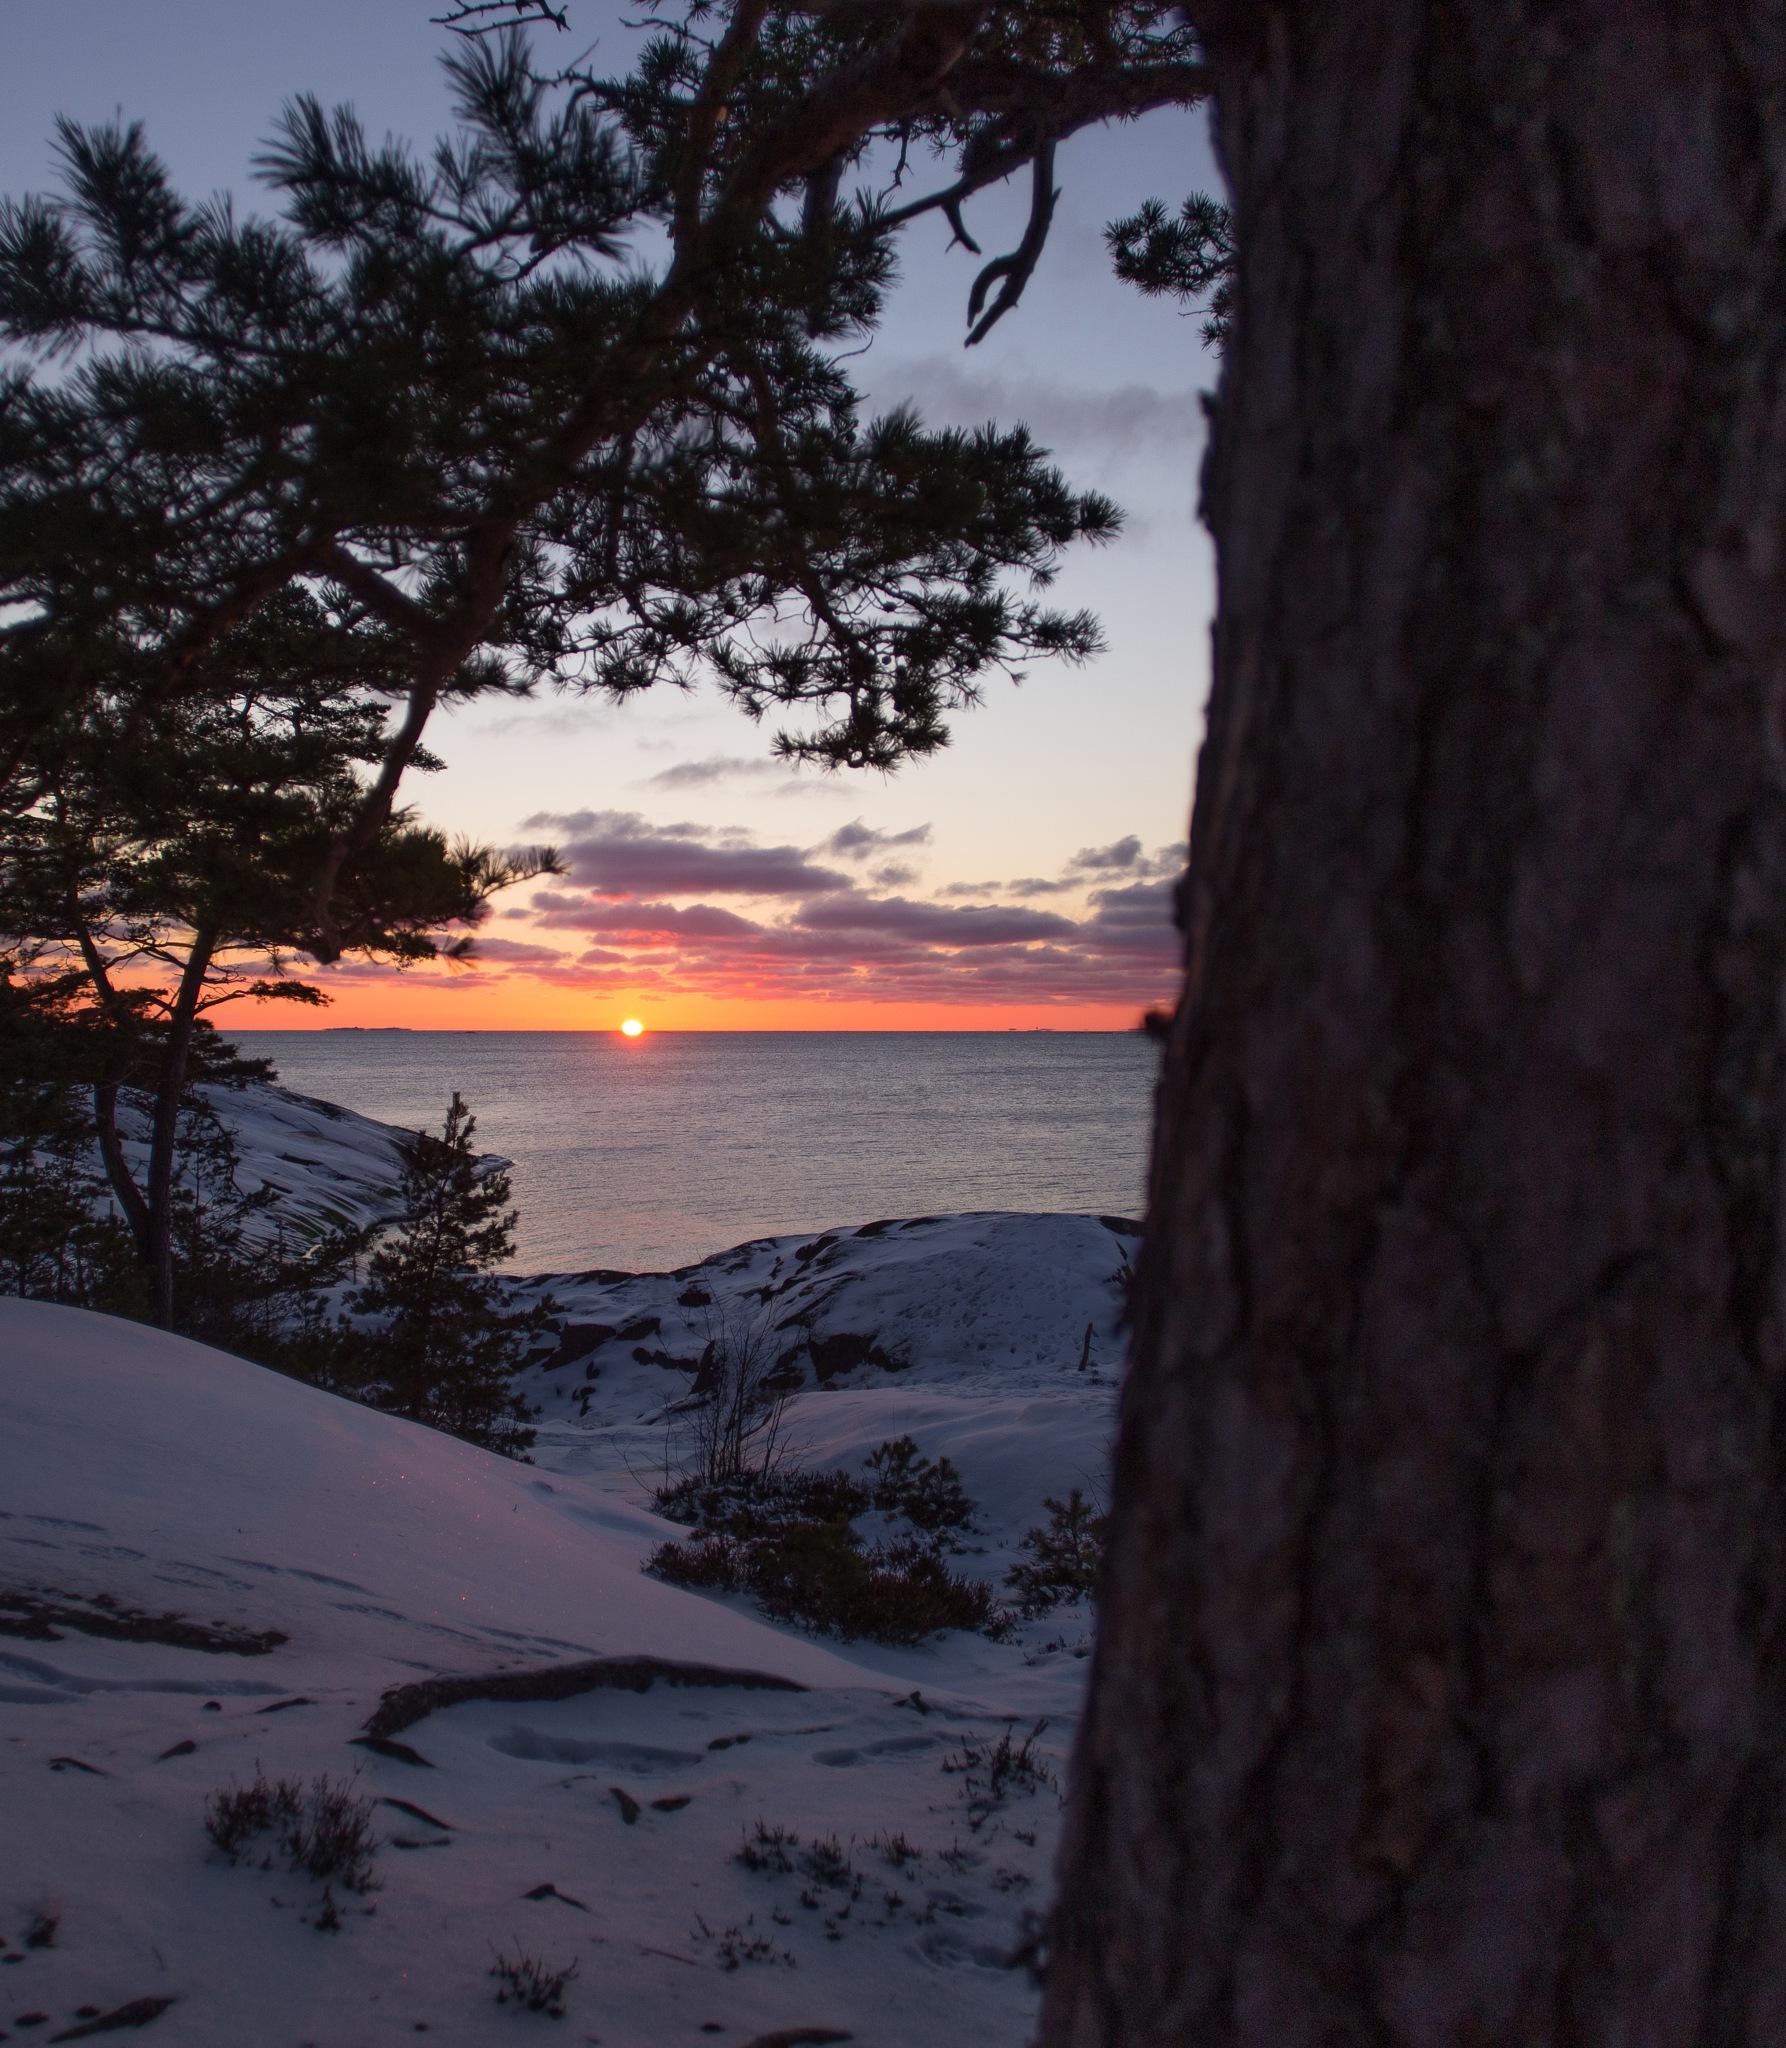 Sunset today by samitakarautio